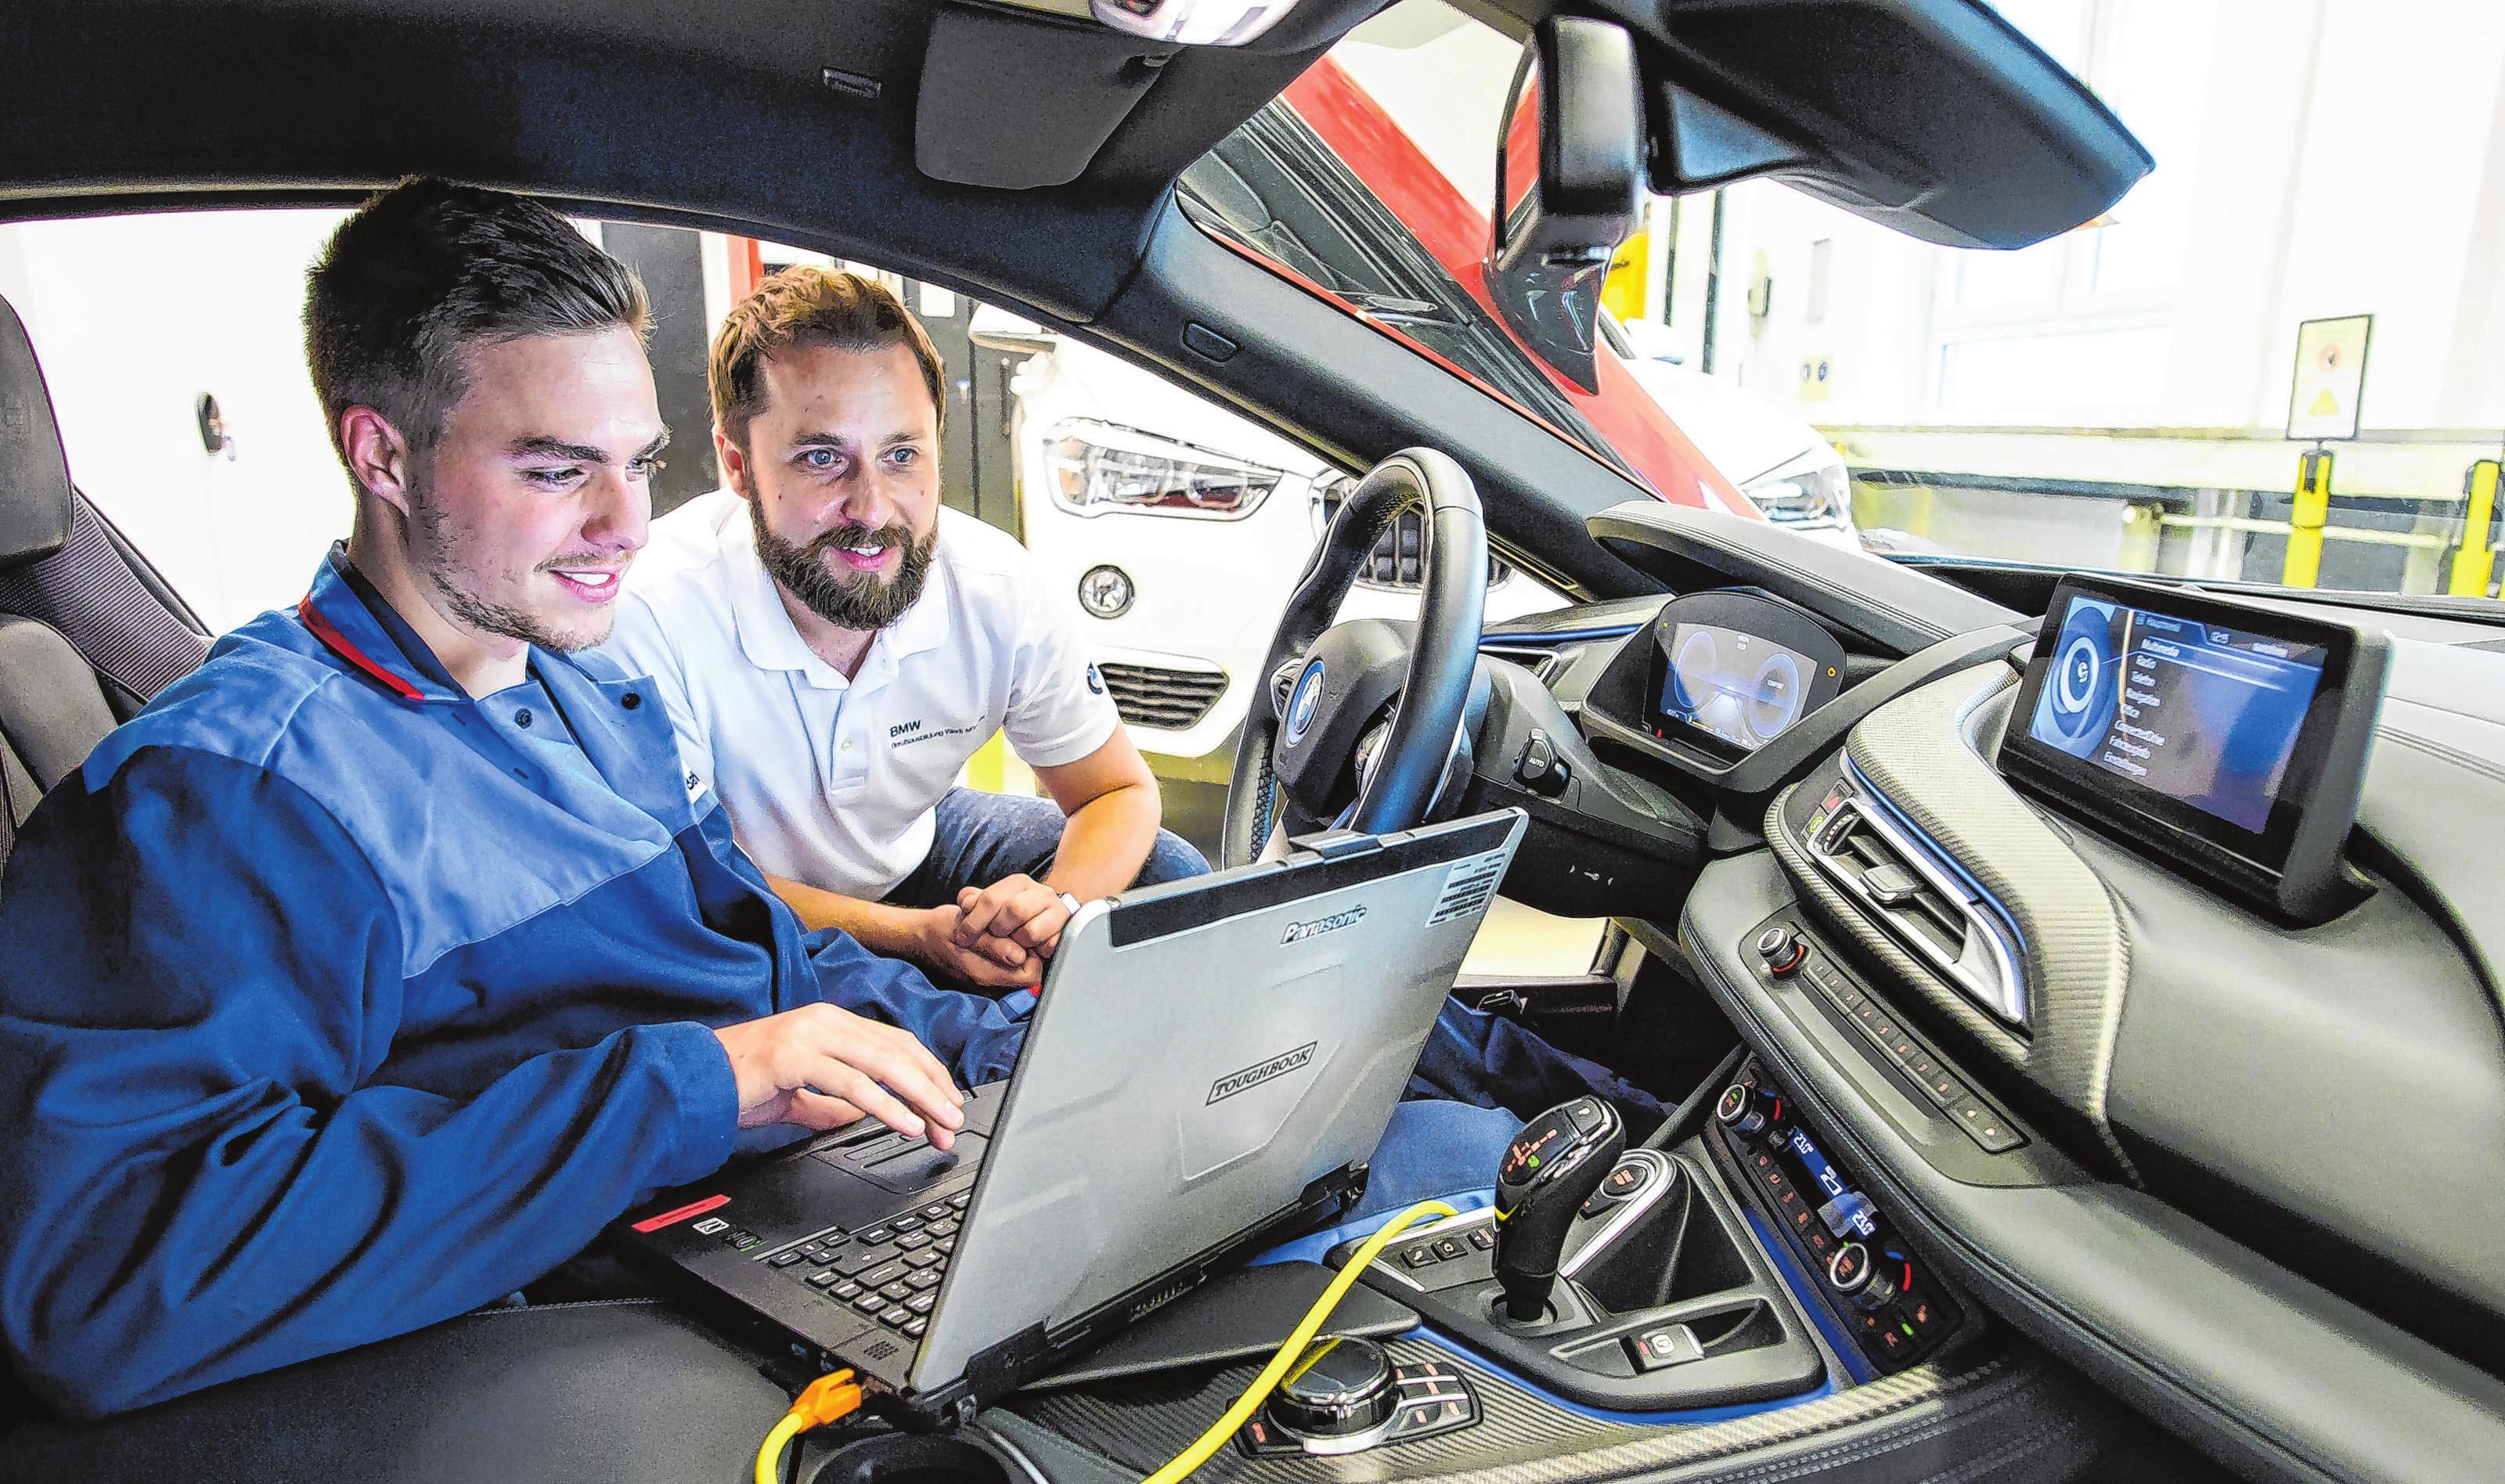 Keine reine Schrauberei: Kfz-Mechatroniker wie Andreas Batki (l, mit Ausbilder Florian Pachur) müssen auch sicher mit Computern umgehen können. Fotos: Jörg Koch/dpa-mag